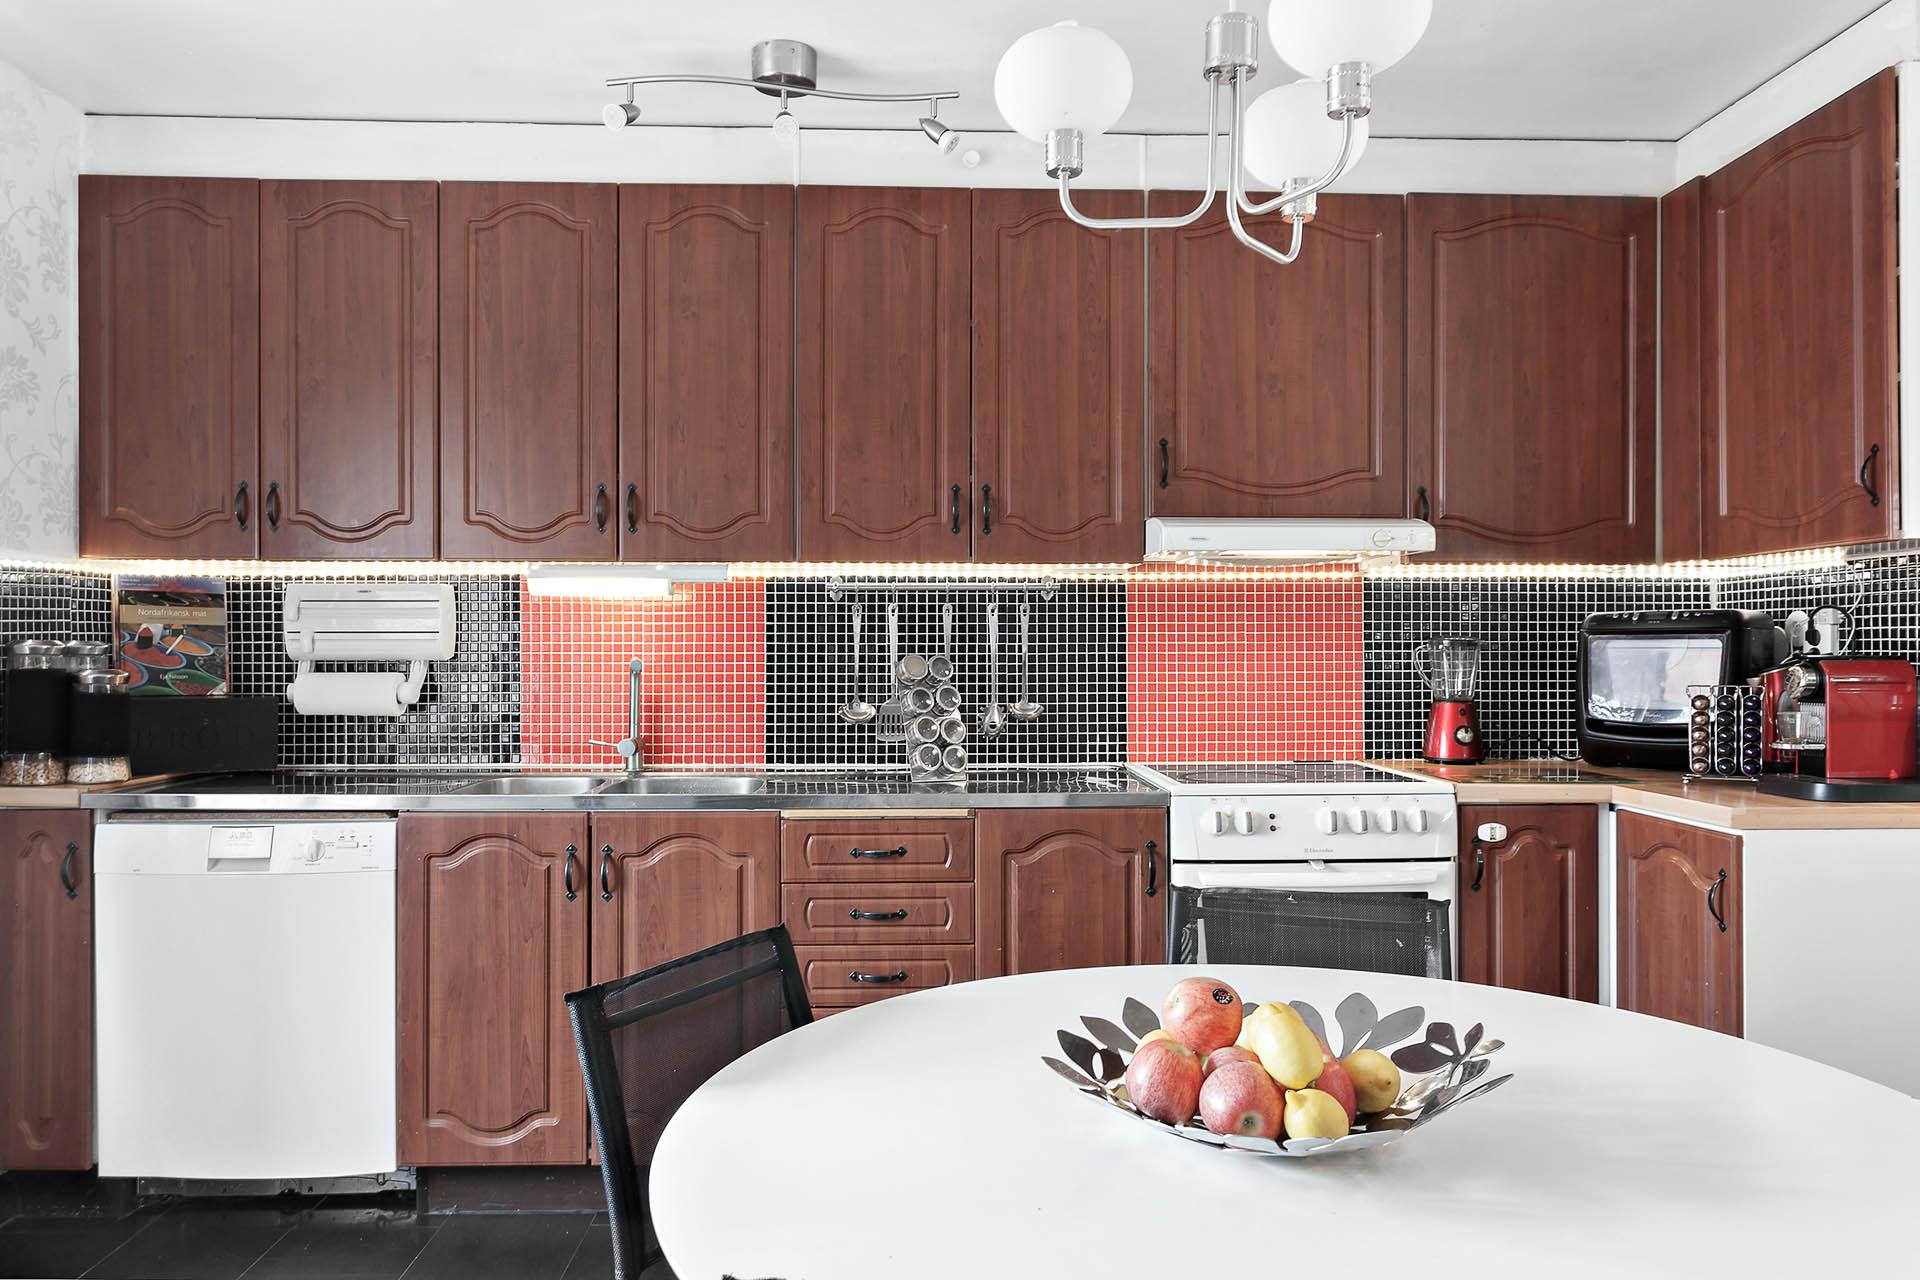 Fullt utrustat kök med arbetsytor i rostfritt och laminat.